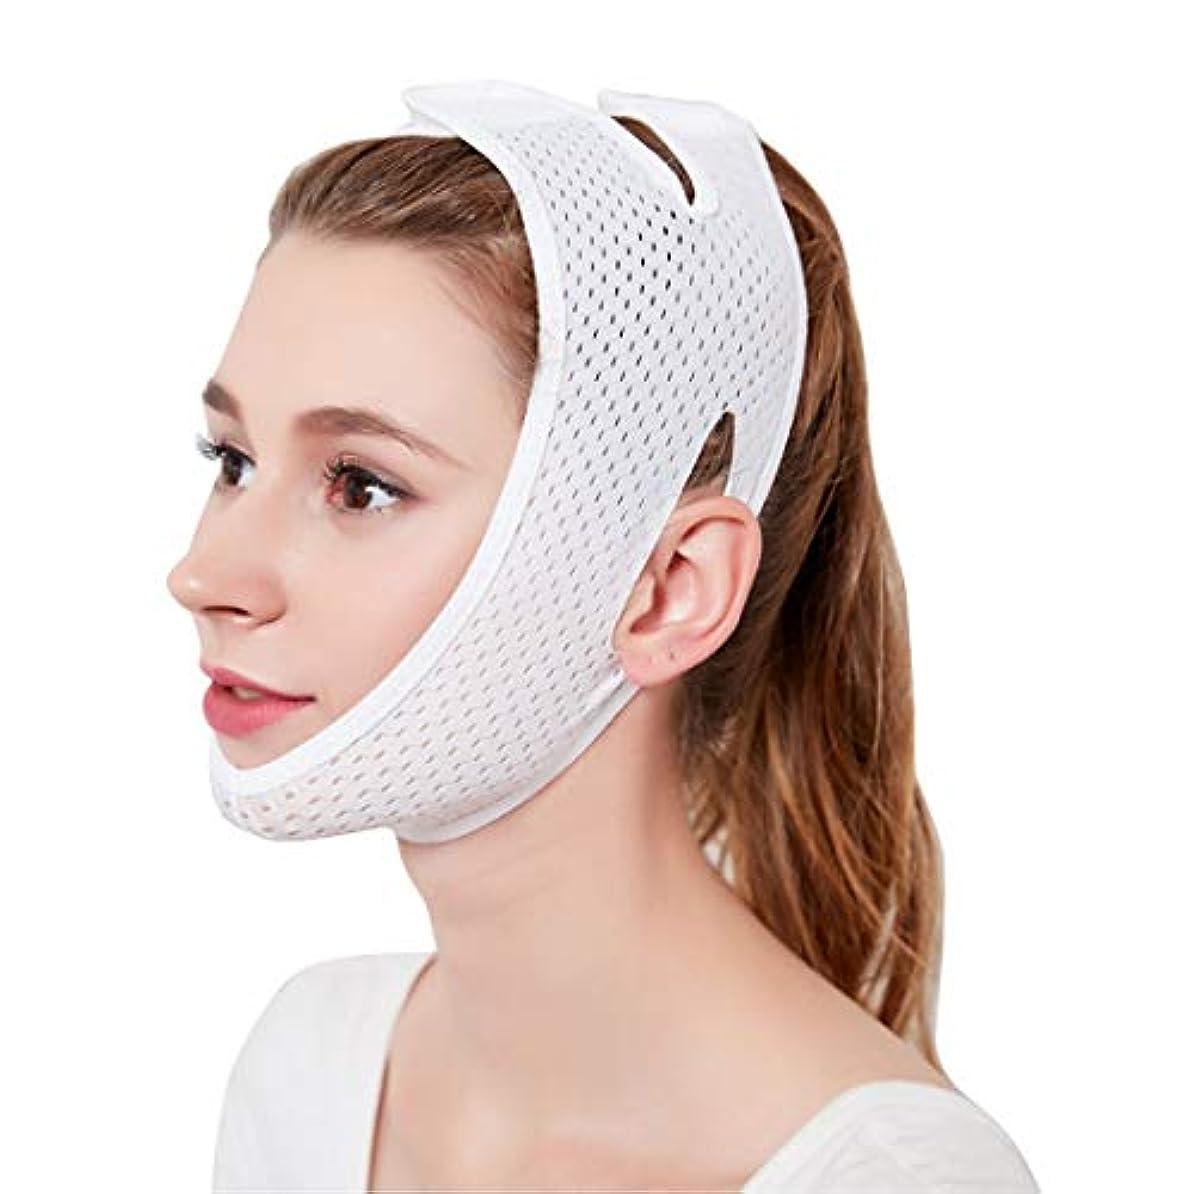 エッセンス指導する朝食を食べるZWBD フェイスマスク, 薄い顔包帯v顔の薄い咬筋の筋肉通気性の薄い顔咬筋の筋肉Vフェイスマスクダブルあごリフトあご